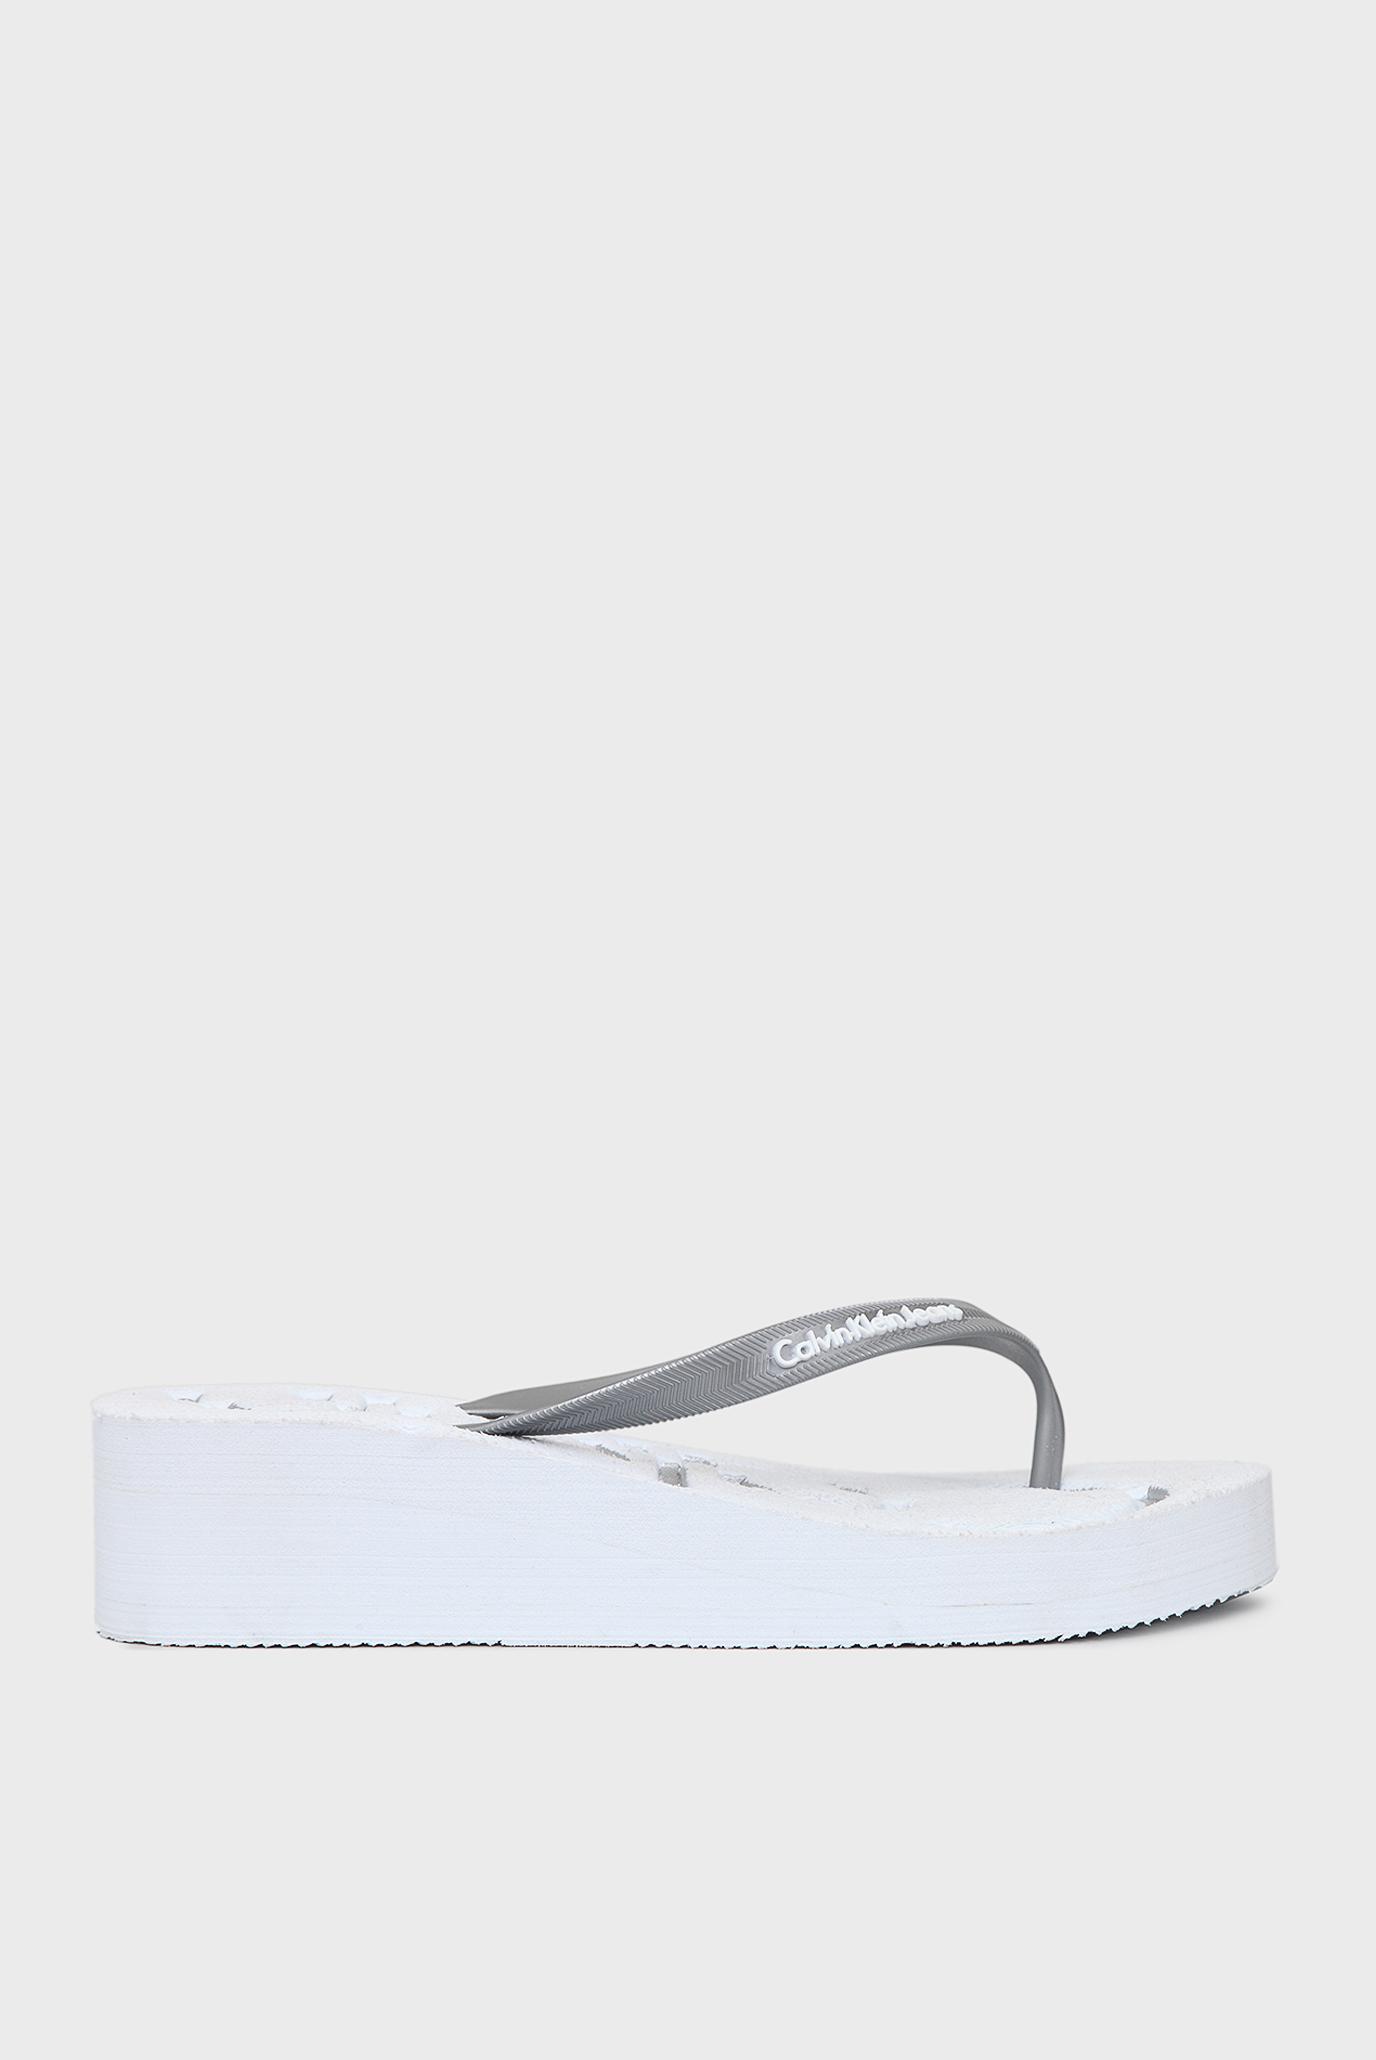 Купить Женские белые вьетнамки на платформе Calvin Klein Calvin Klein R4117 – Киев, Украина. Цены в интернет магазине MD Fashion